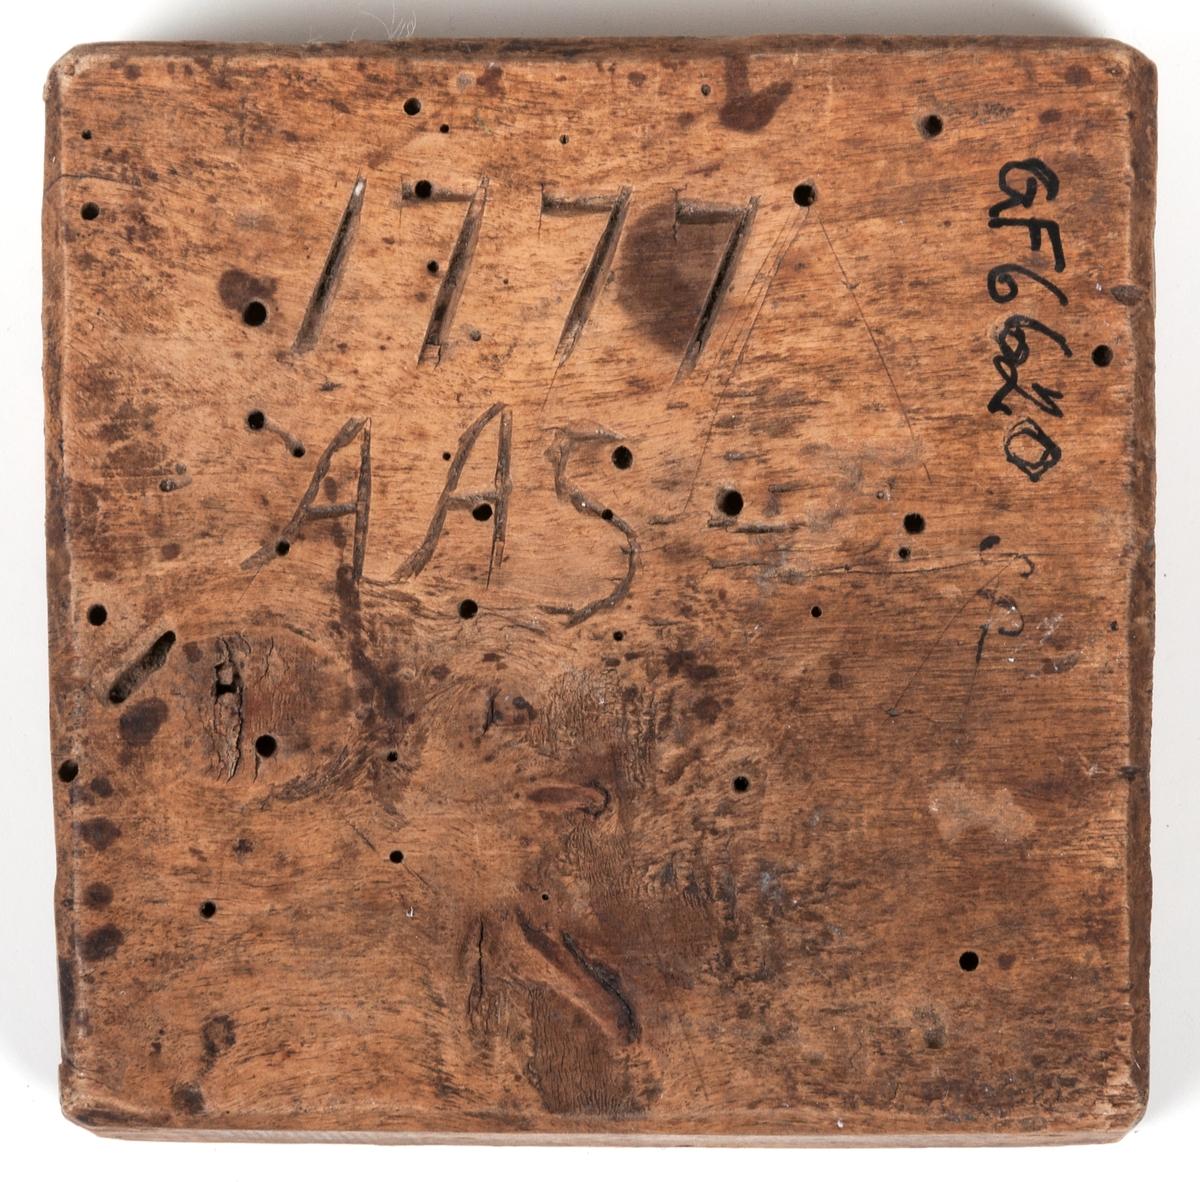 Smörstämpel märkt 1777 AAS. Skuren fyrklöver. Träet tidigare angripet av trägnagare vilket efterlämnat hål.